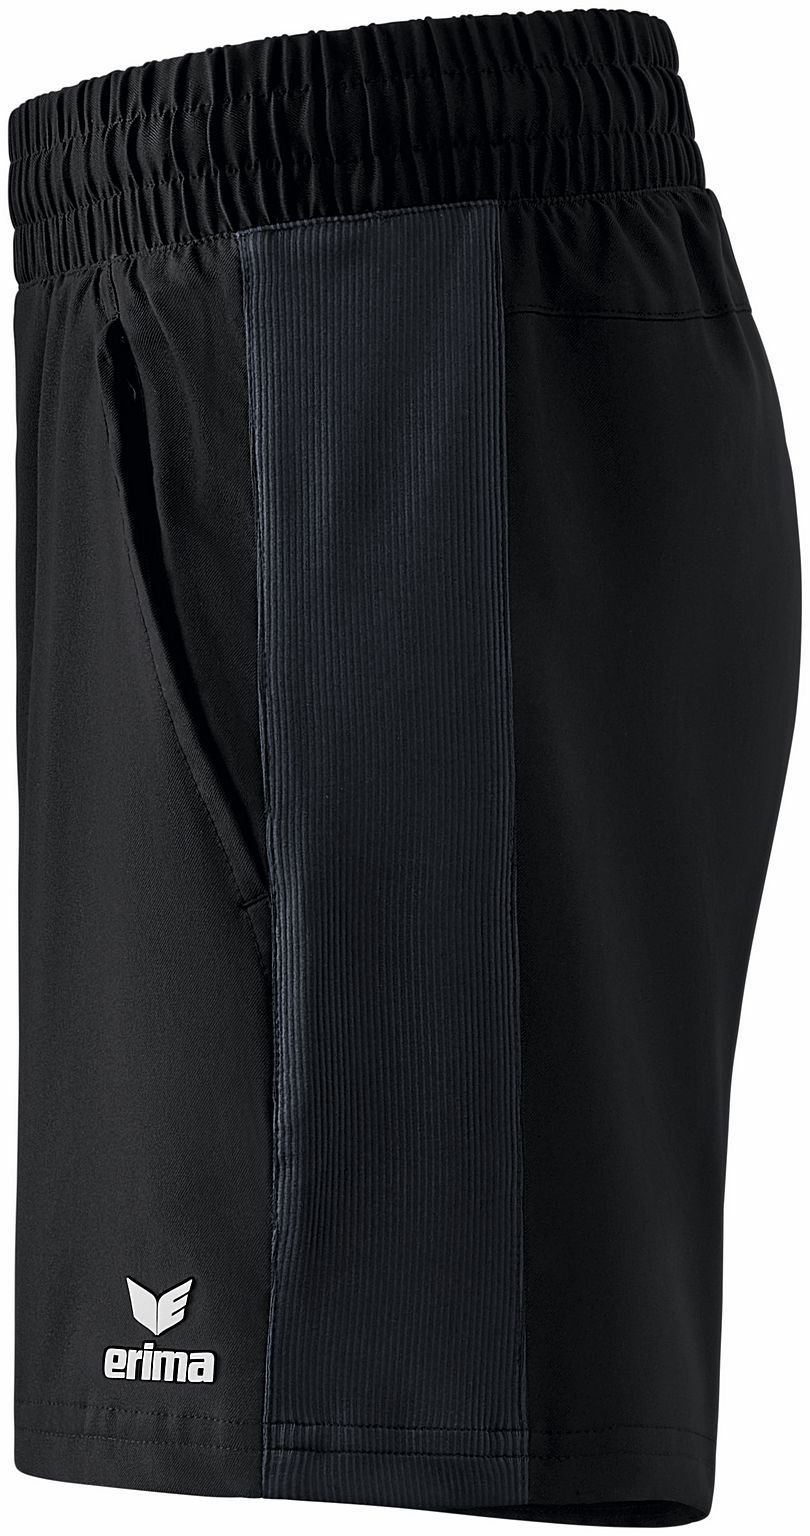 Premium One 2.0 Shorts Damen